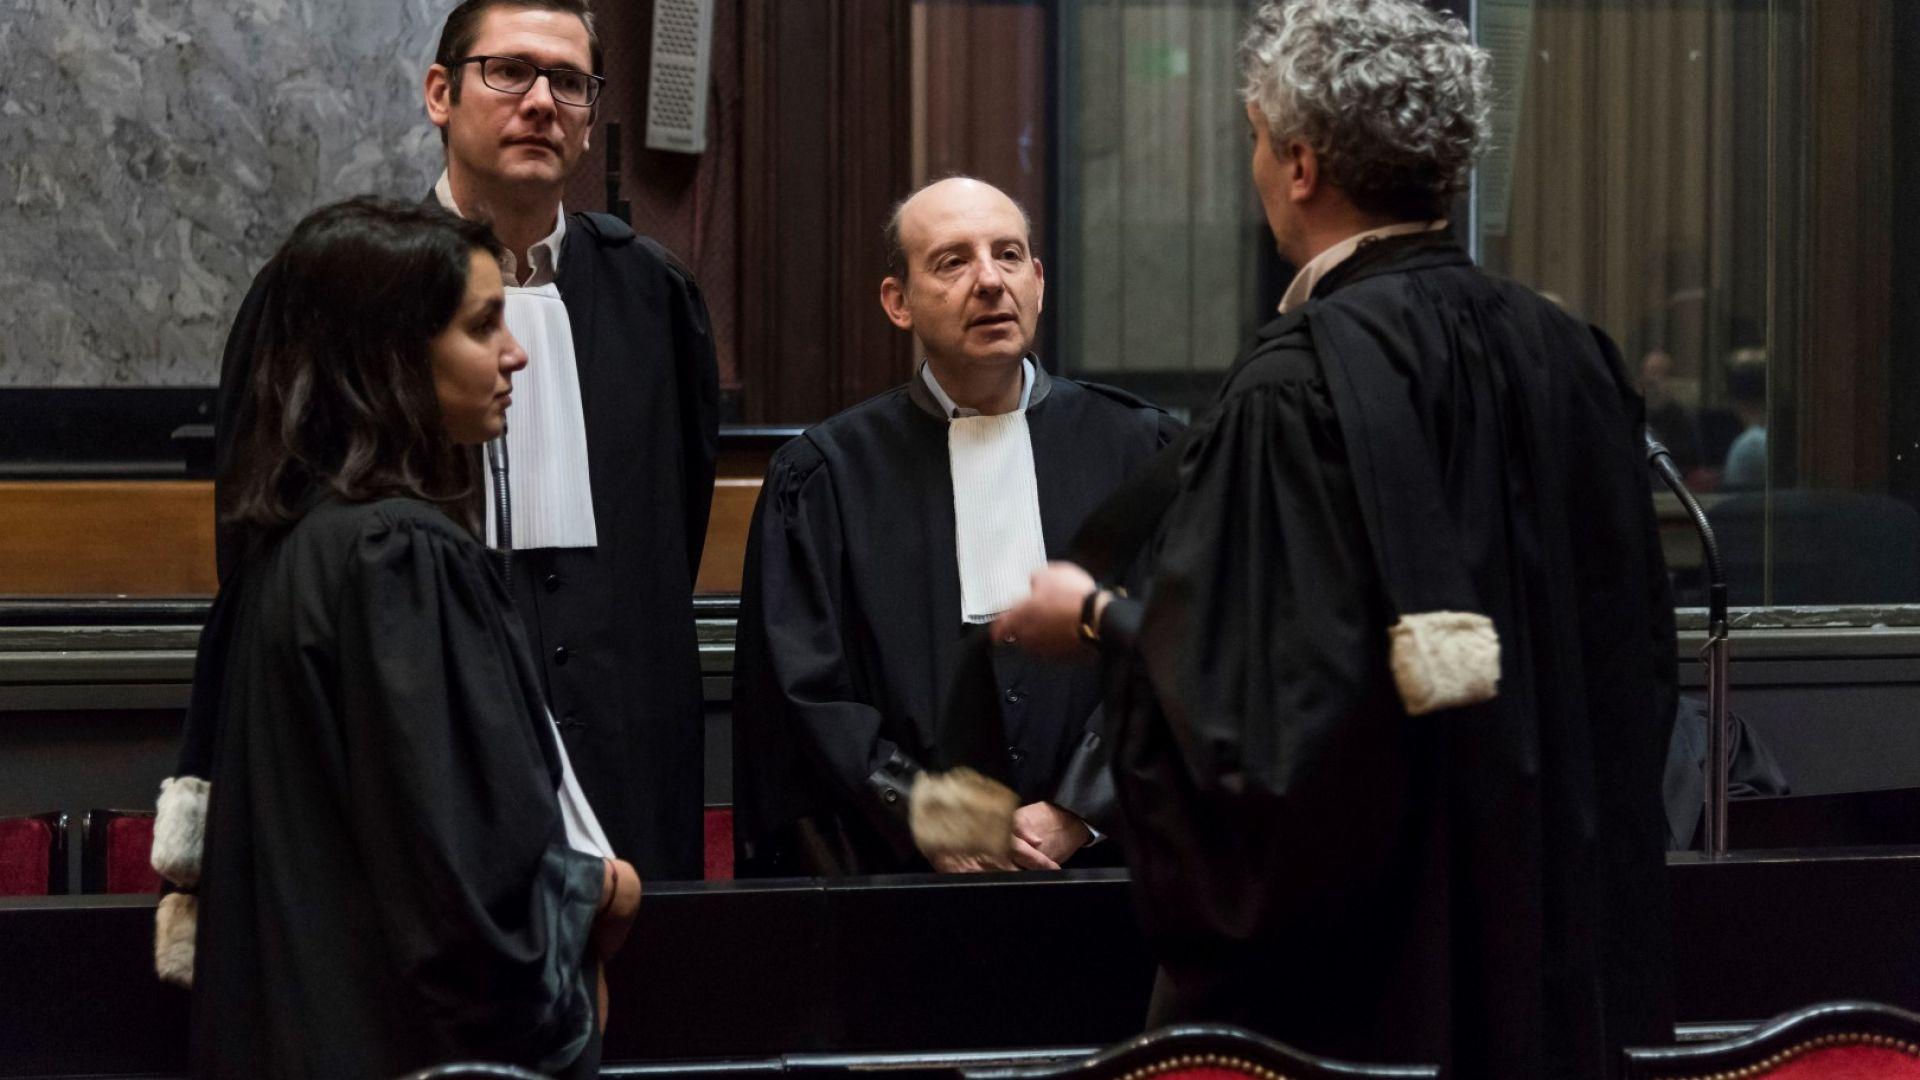 Доживотен затвор за 4-мата убити в еврейския музей в Брюксел. Джихадистът: Животът продължава